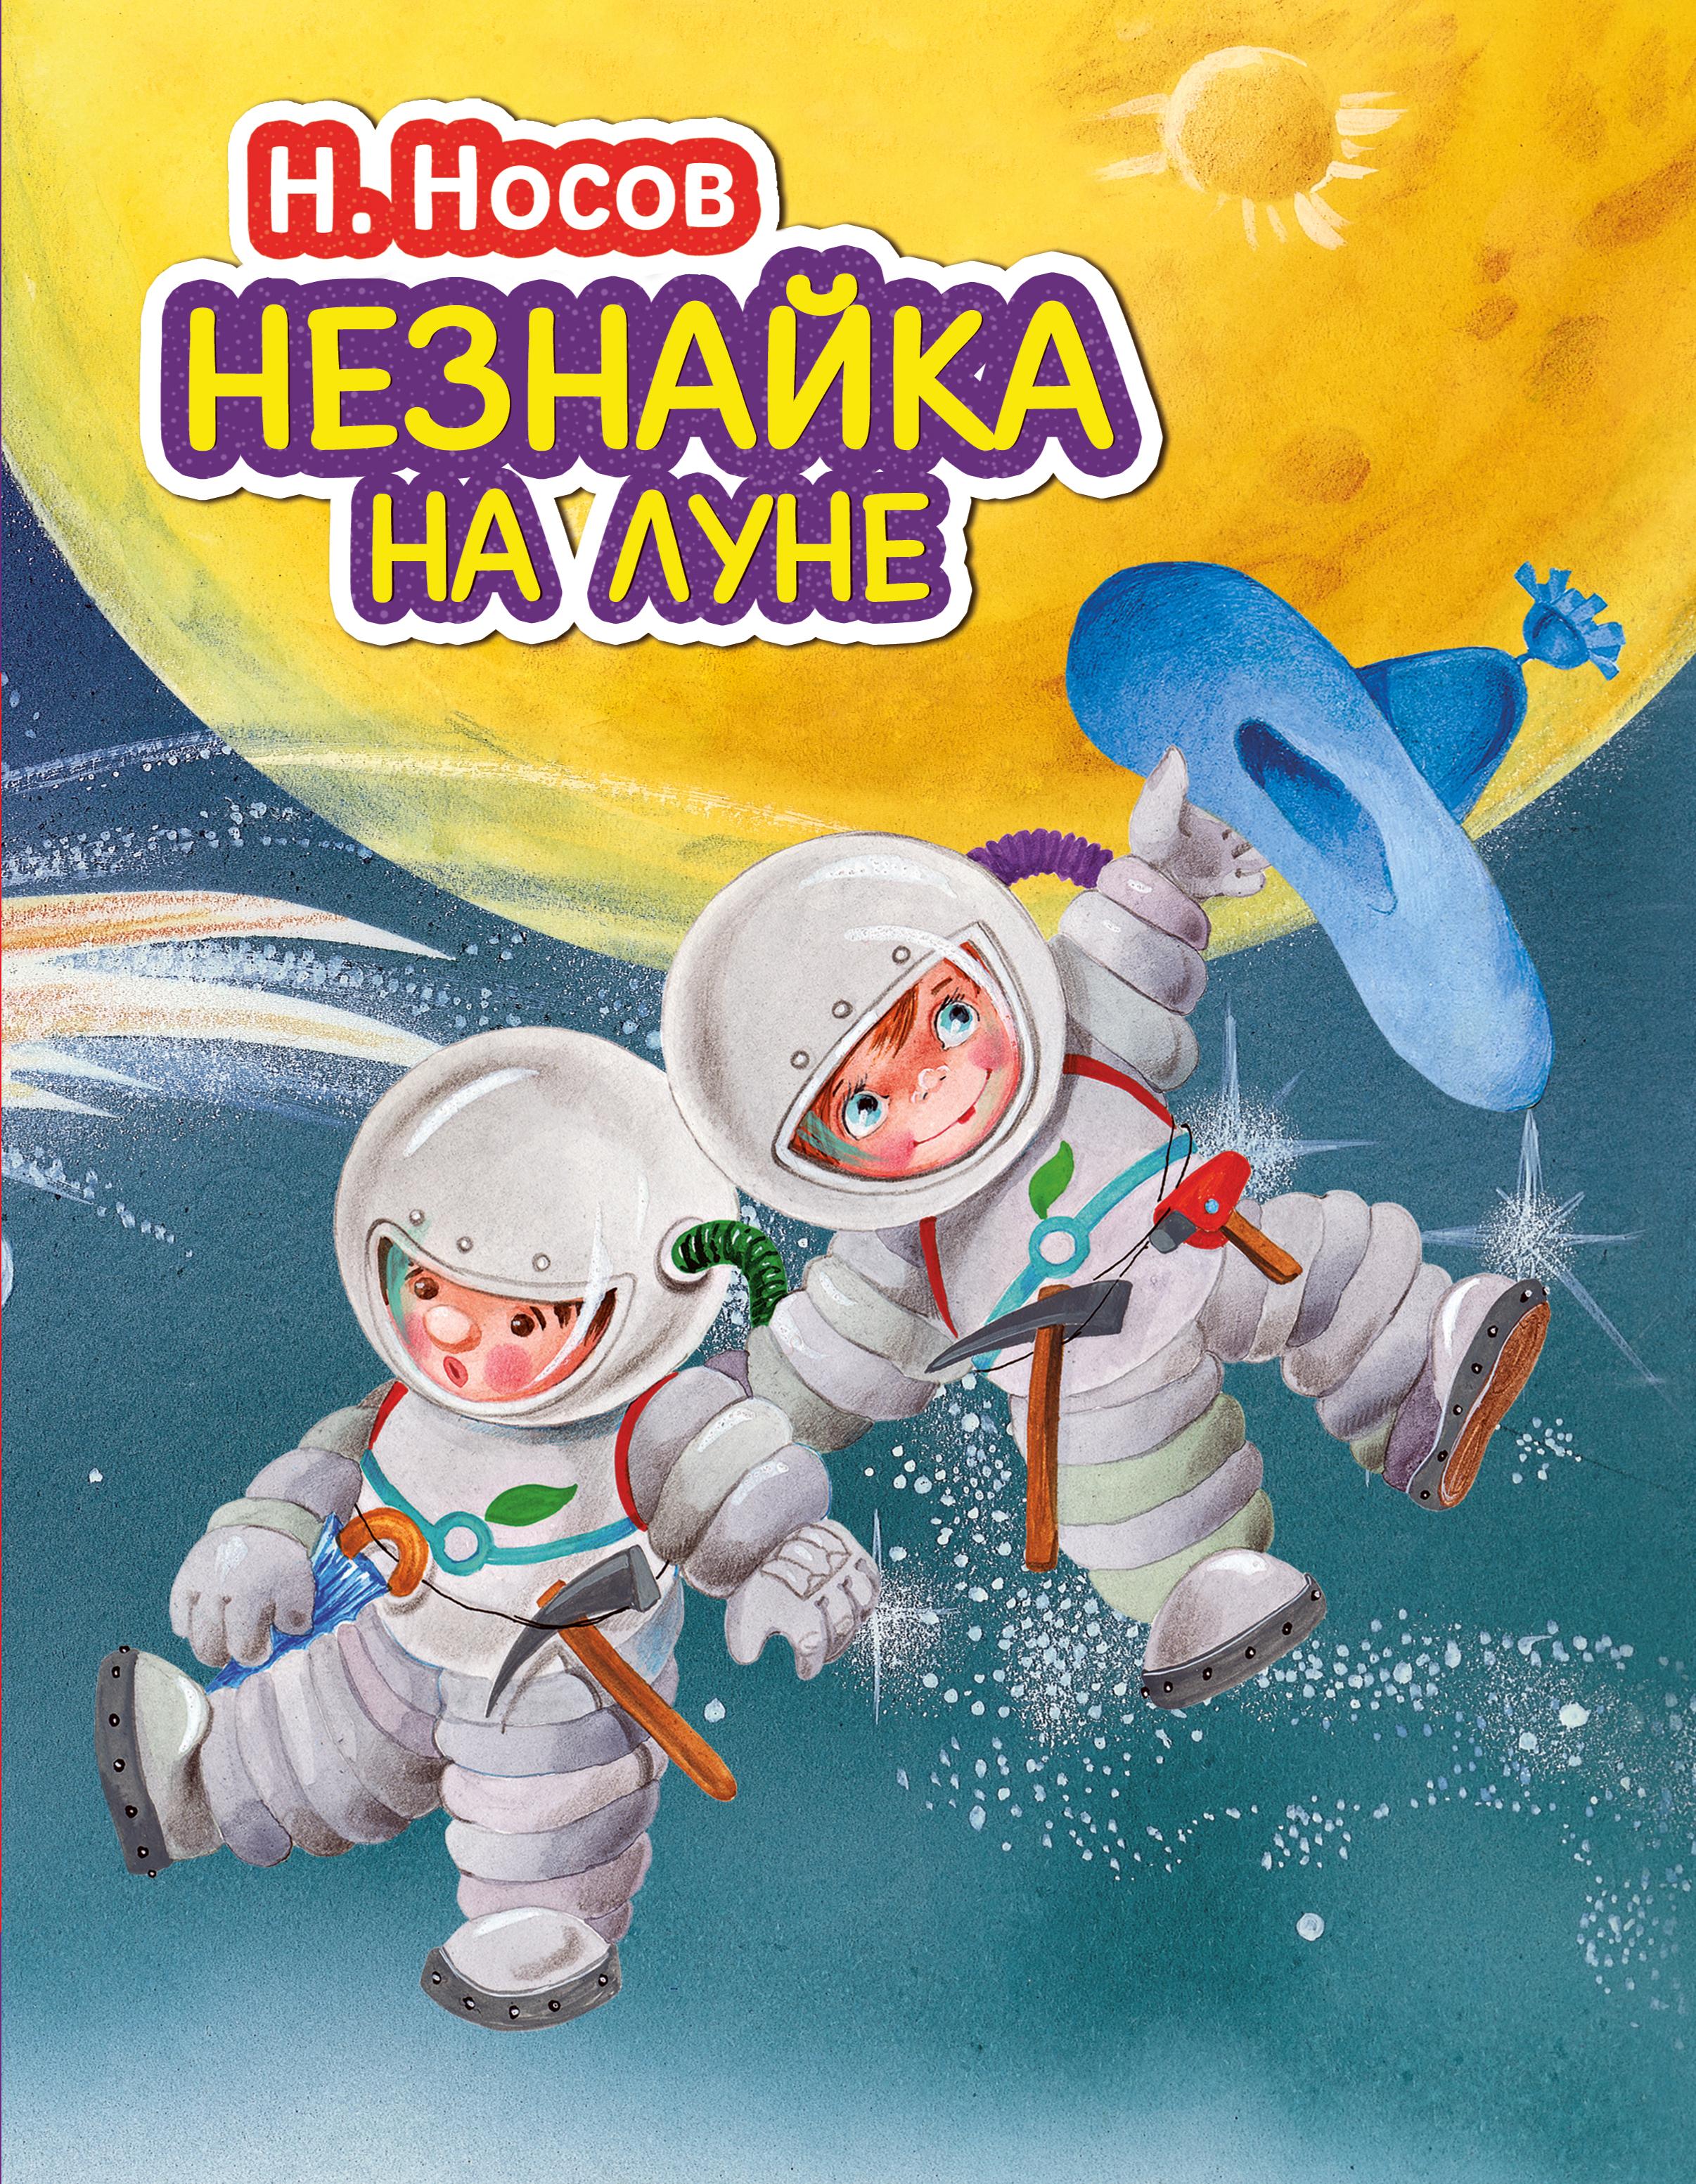 Носов незнайка на луне скачать бесплатно fb2